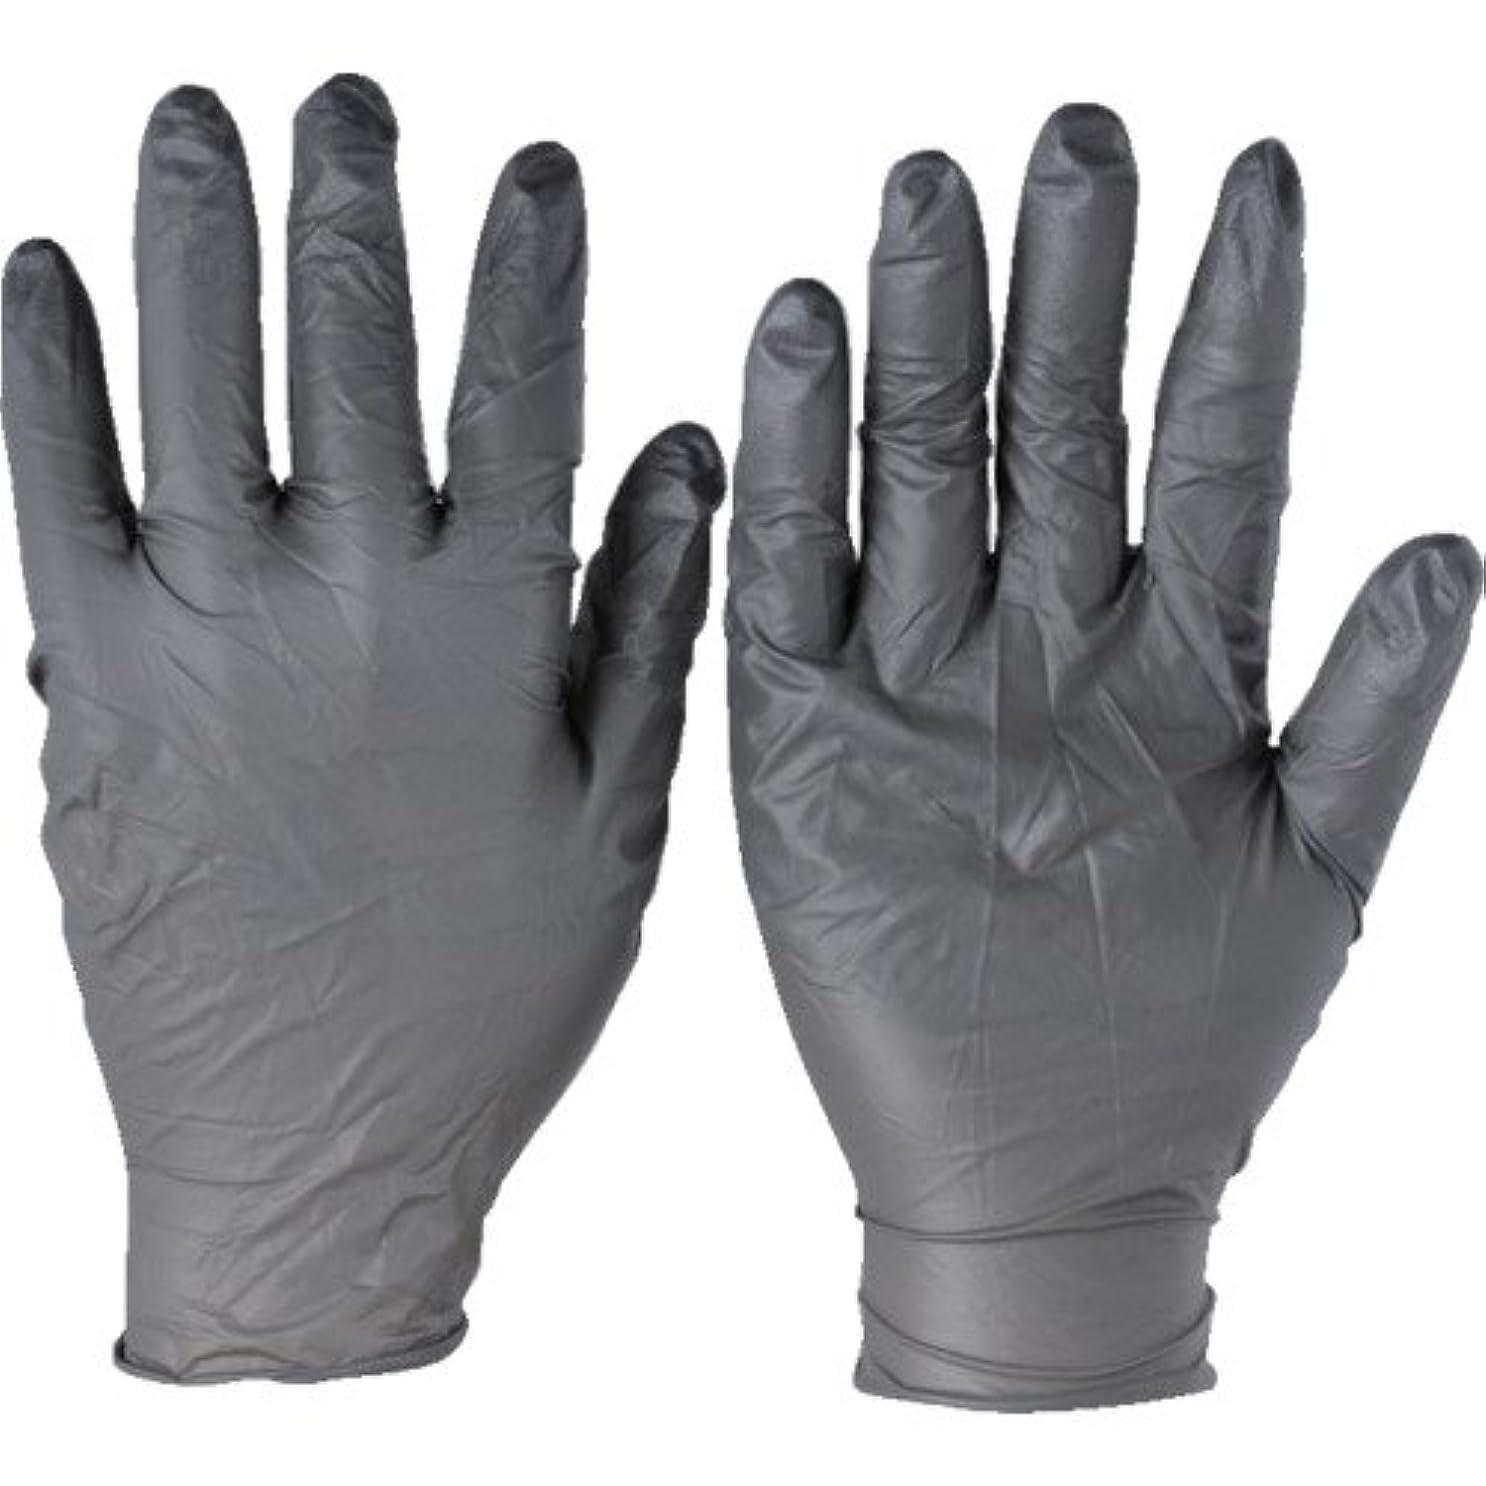 爬虫類完璧なただやるトラスコ中山 アンセル ニトリルゴム使い捨て手袋 タッチエヌタフ 粉無 Lサイズ 100枚入 932509